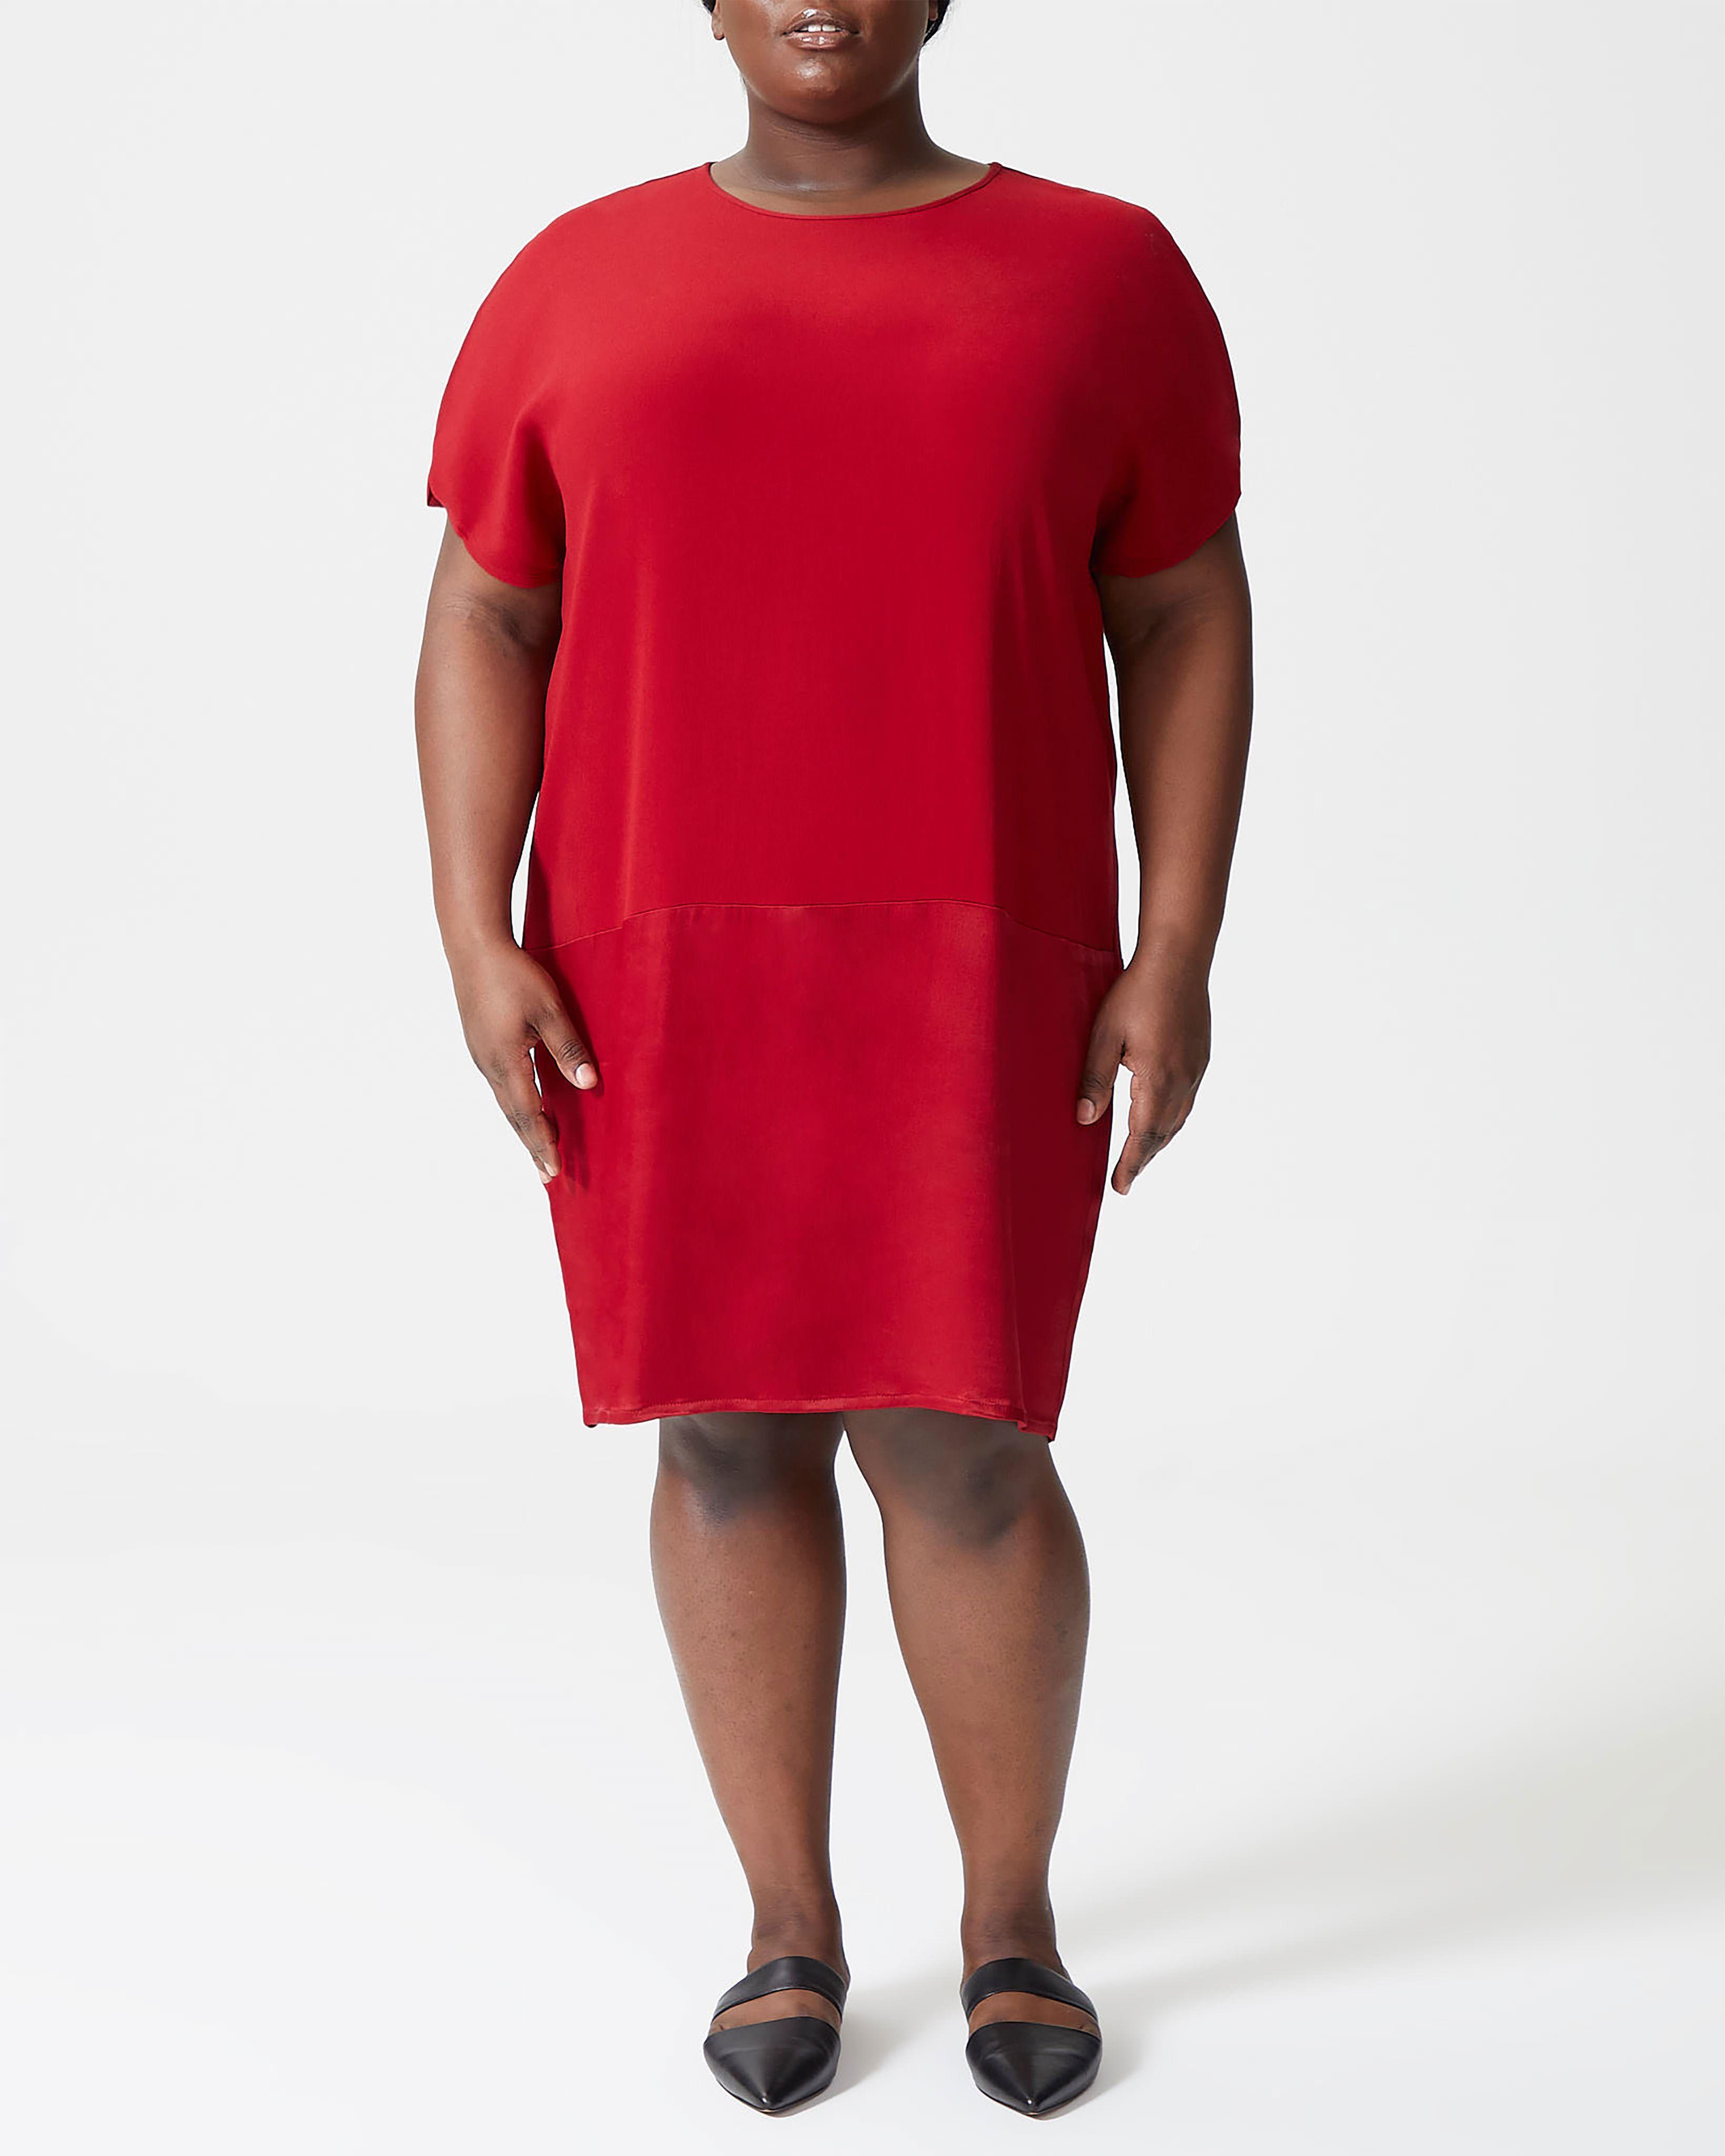 Avenir Dress - Red Dahlia